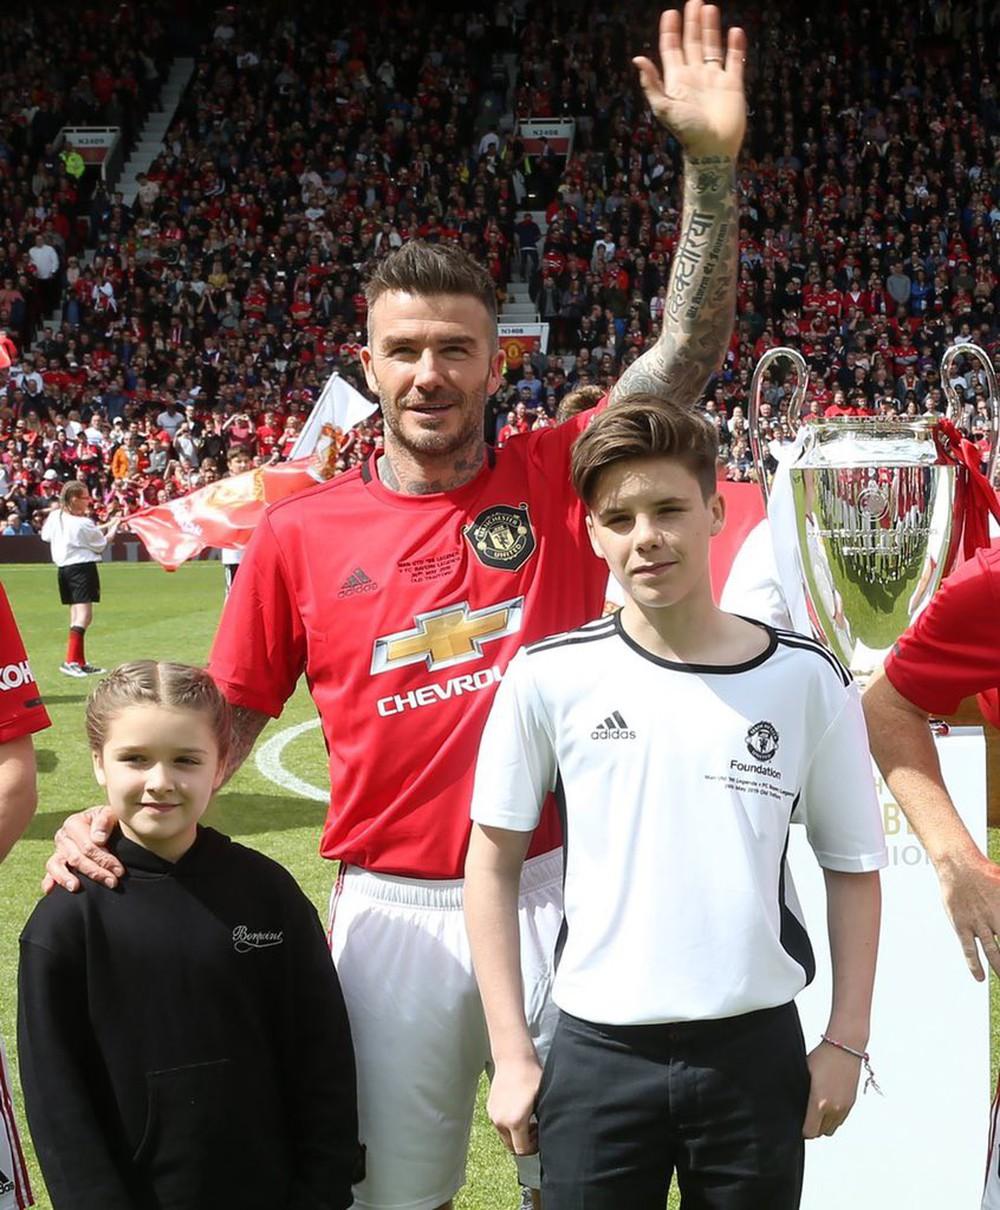 Ngất ngây trước những hình ảnh đẹp long lanh của Beckham trong ngày trở lại thi đấu cho MU, tái hiện ký ức thanh xuân tươi đẹp của hàng chục triệu fan - Ảnh 4.